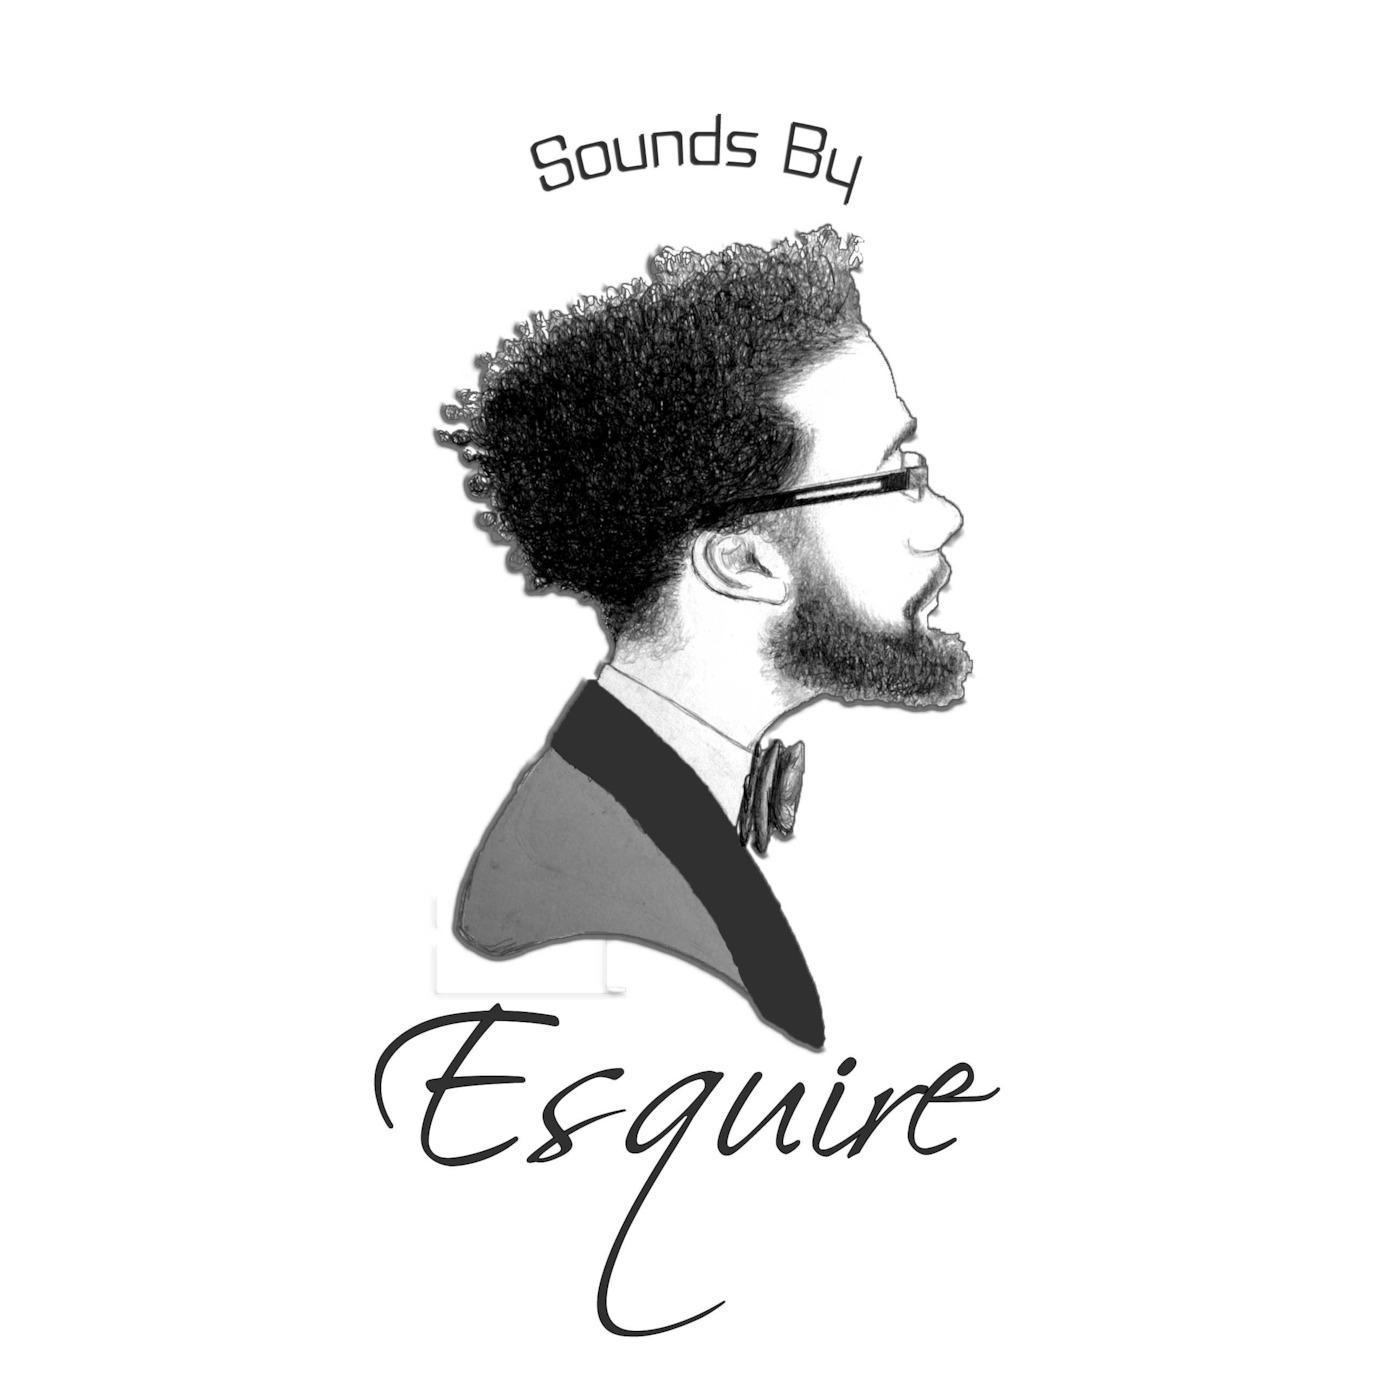 Esquire Sounds